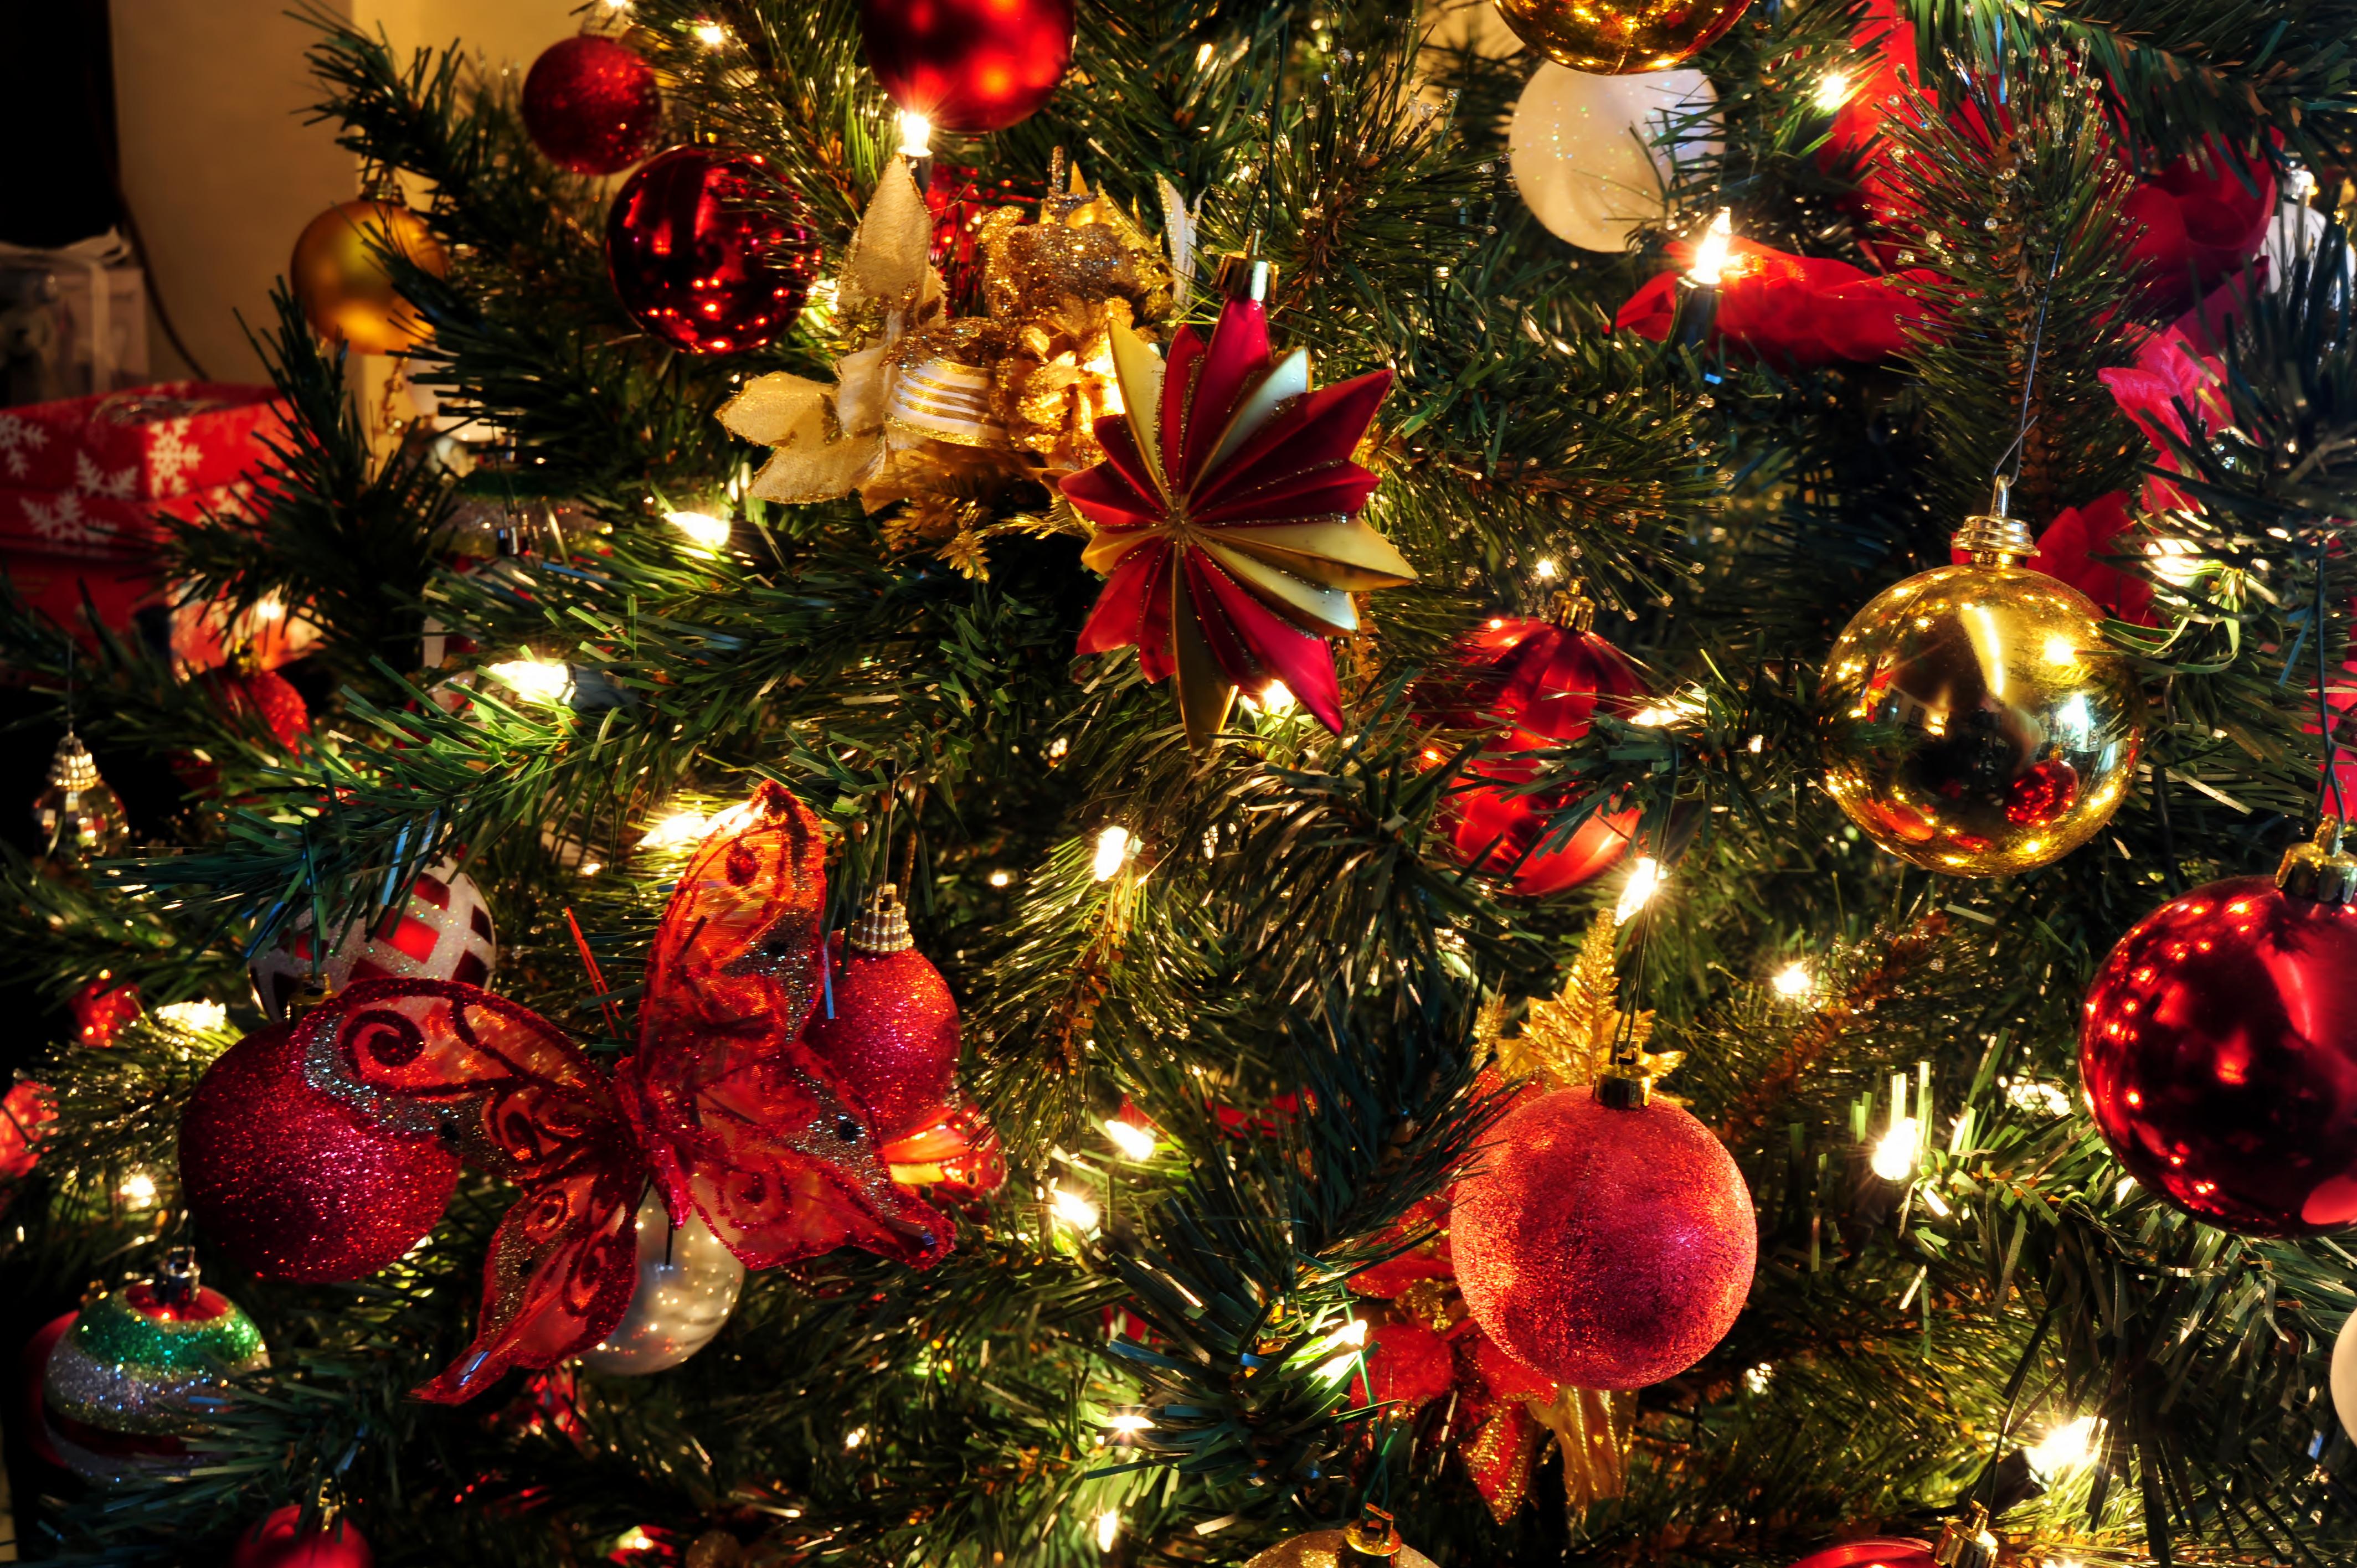 Albero Natale Decorato Rosso come fare l'albero di natale 2017? ecco le nuove e originali